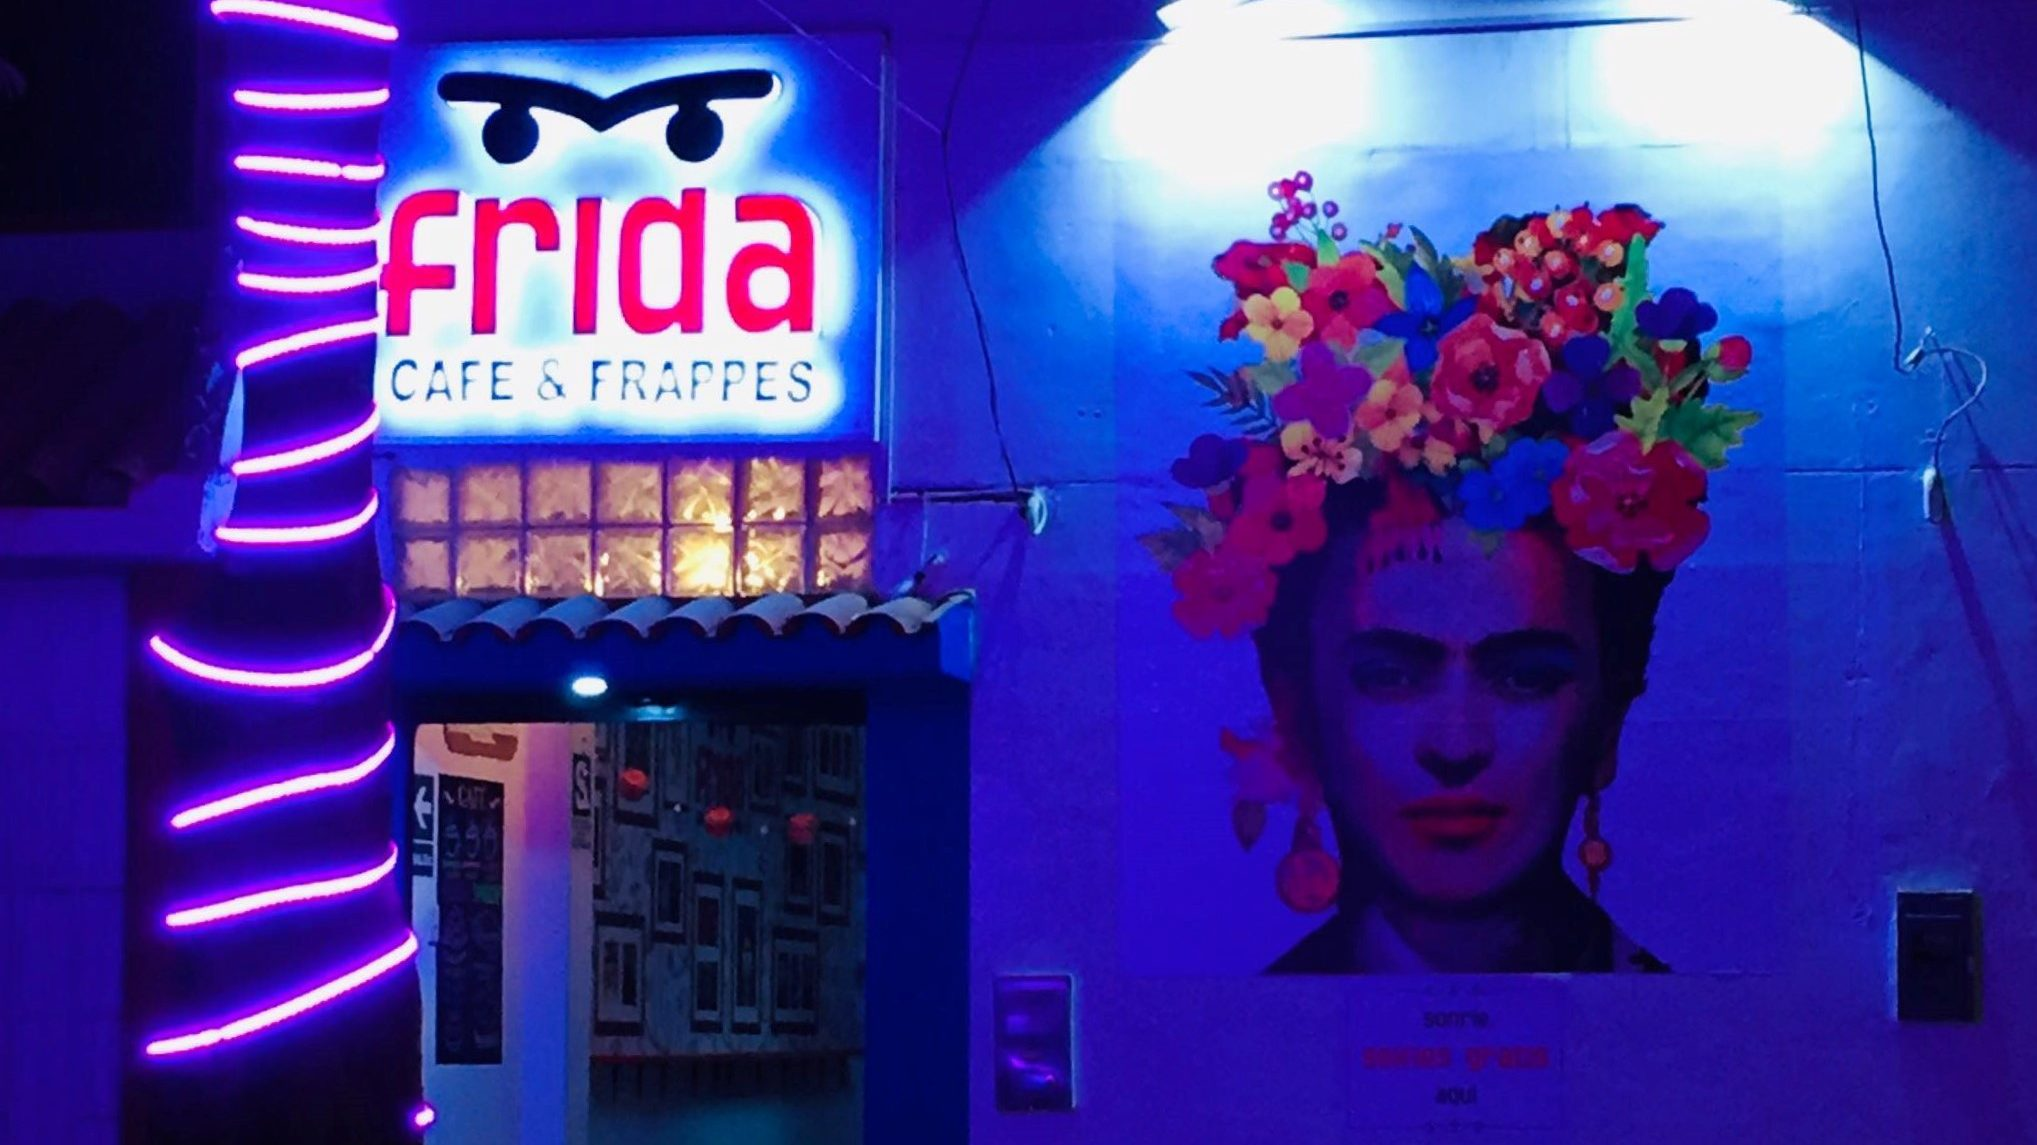 Frida: Arte, literatura y café en un solo lugar